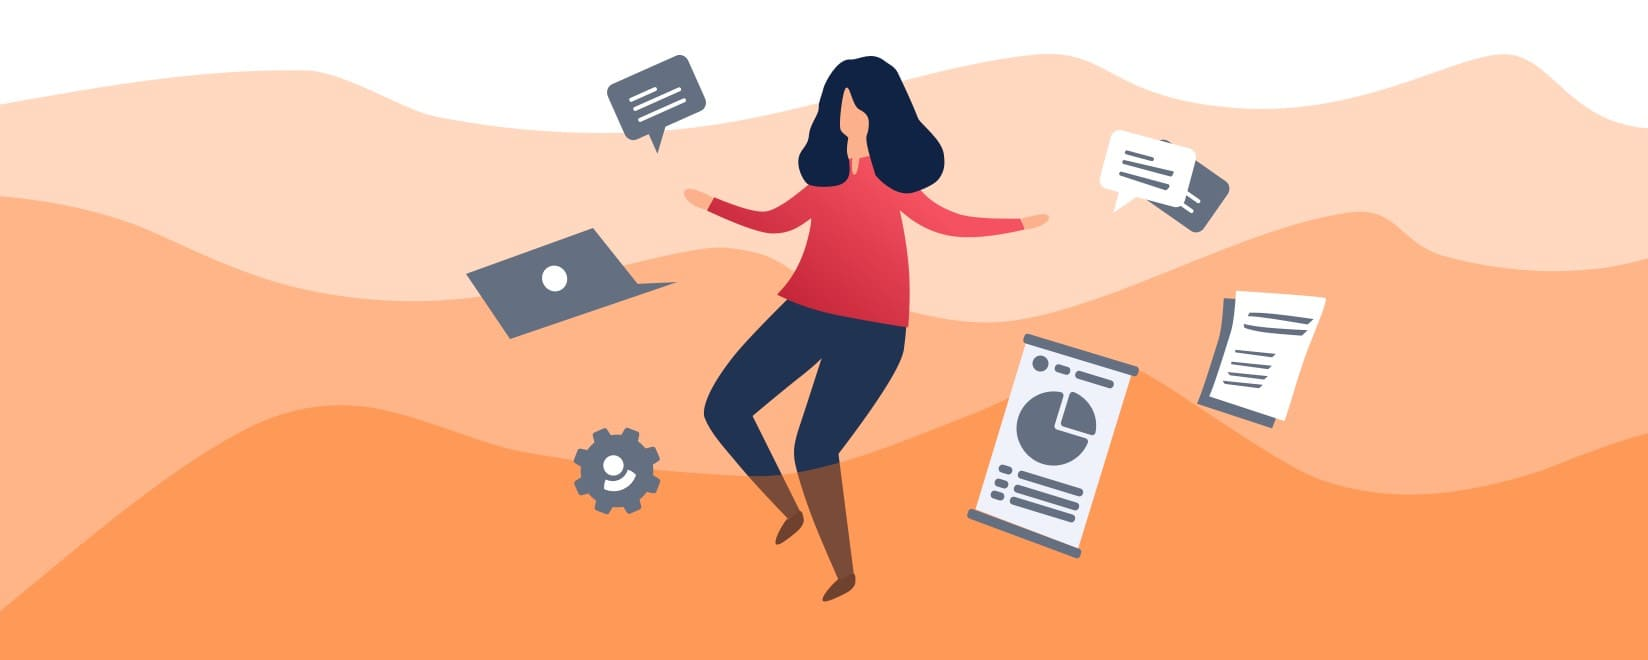 Hurma Blog: 10 hot HR trends 2019 - list